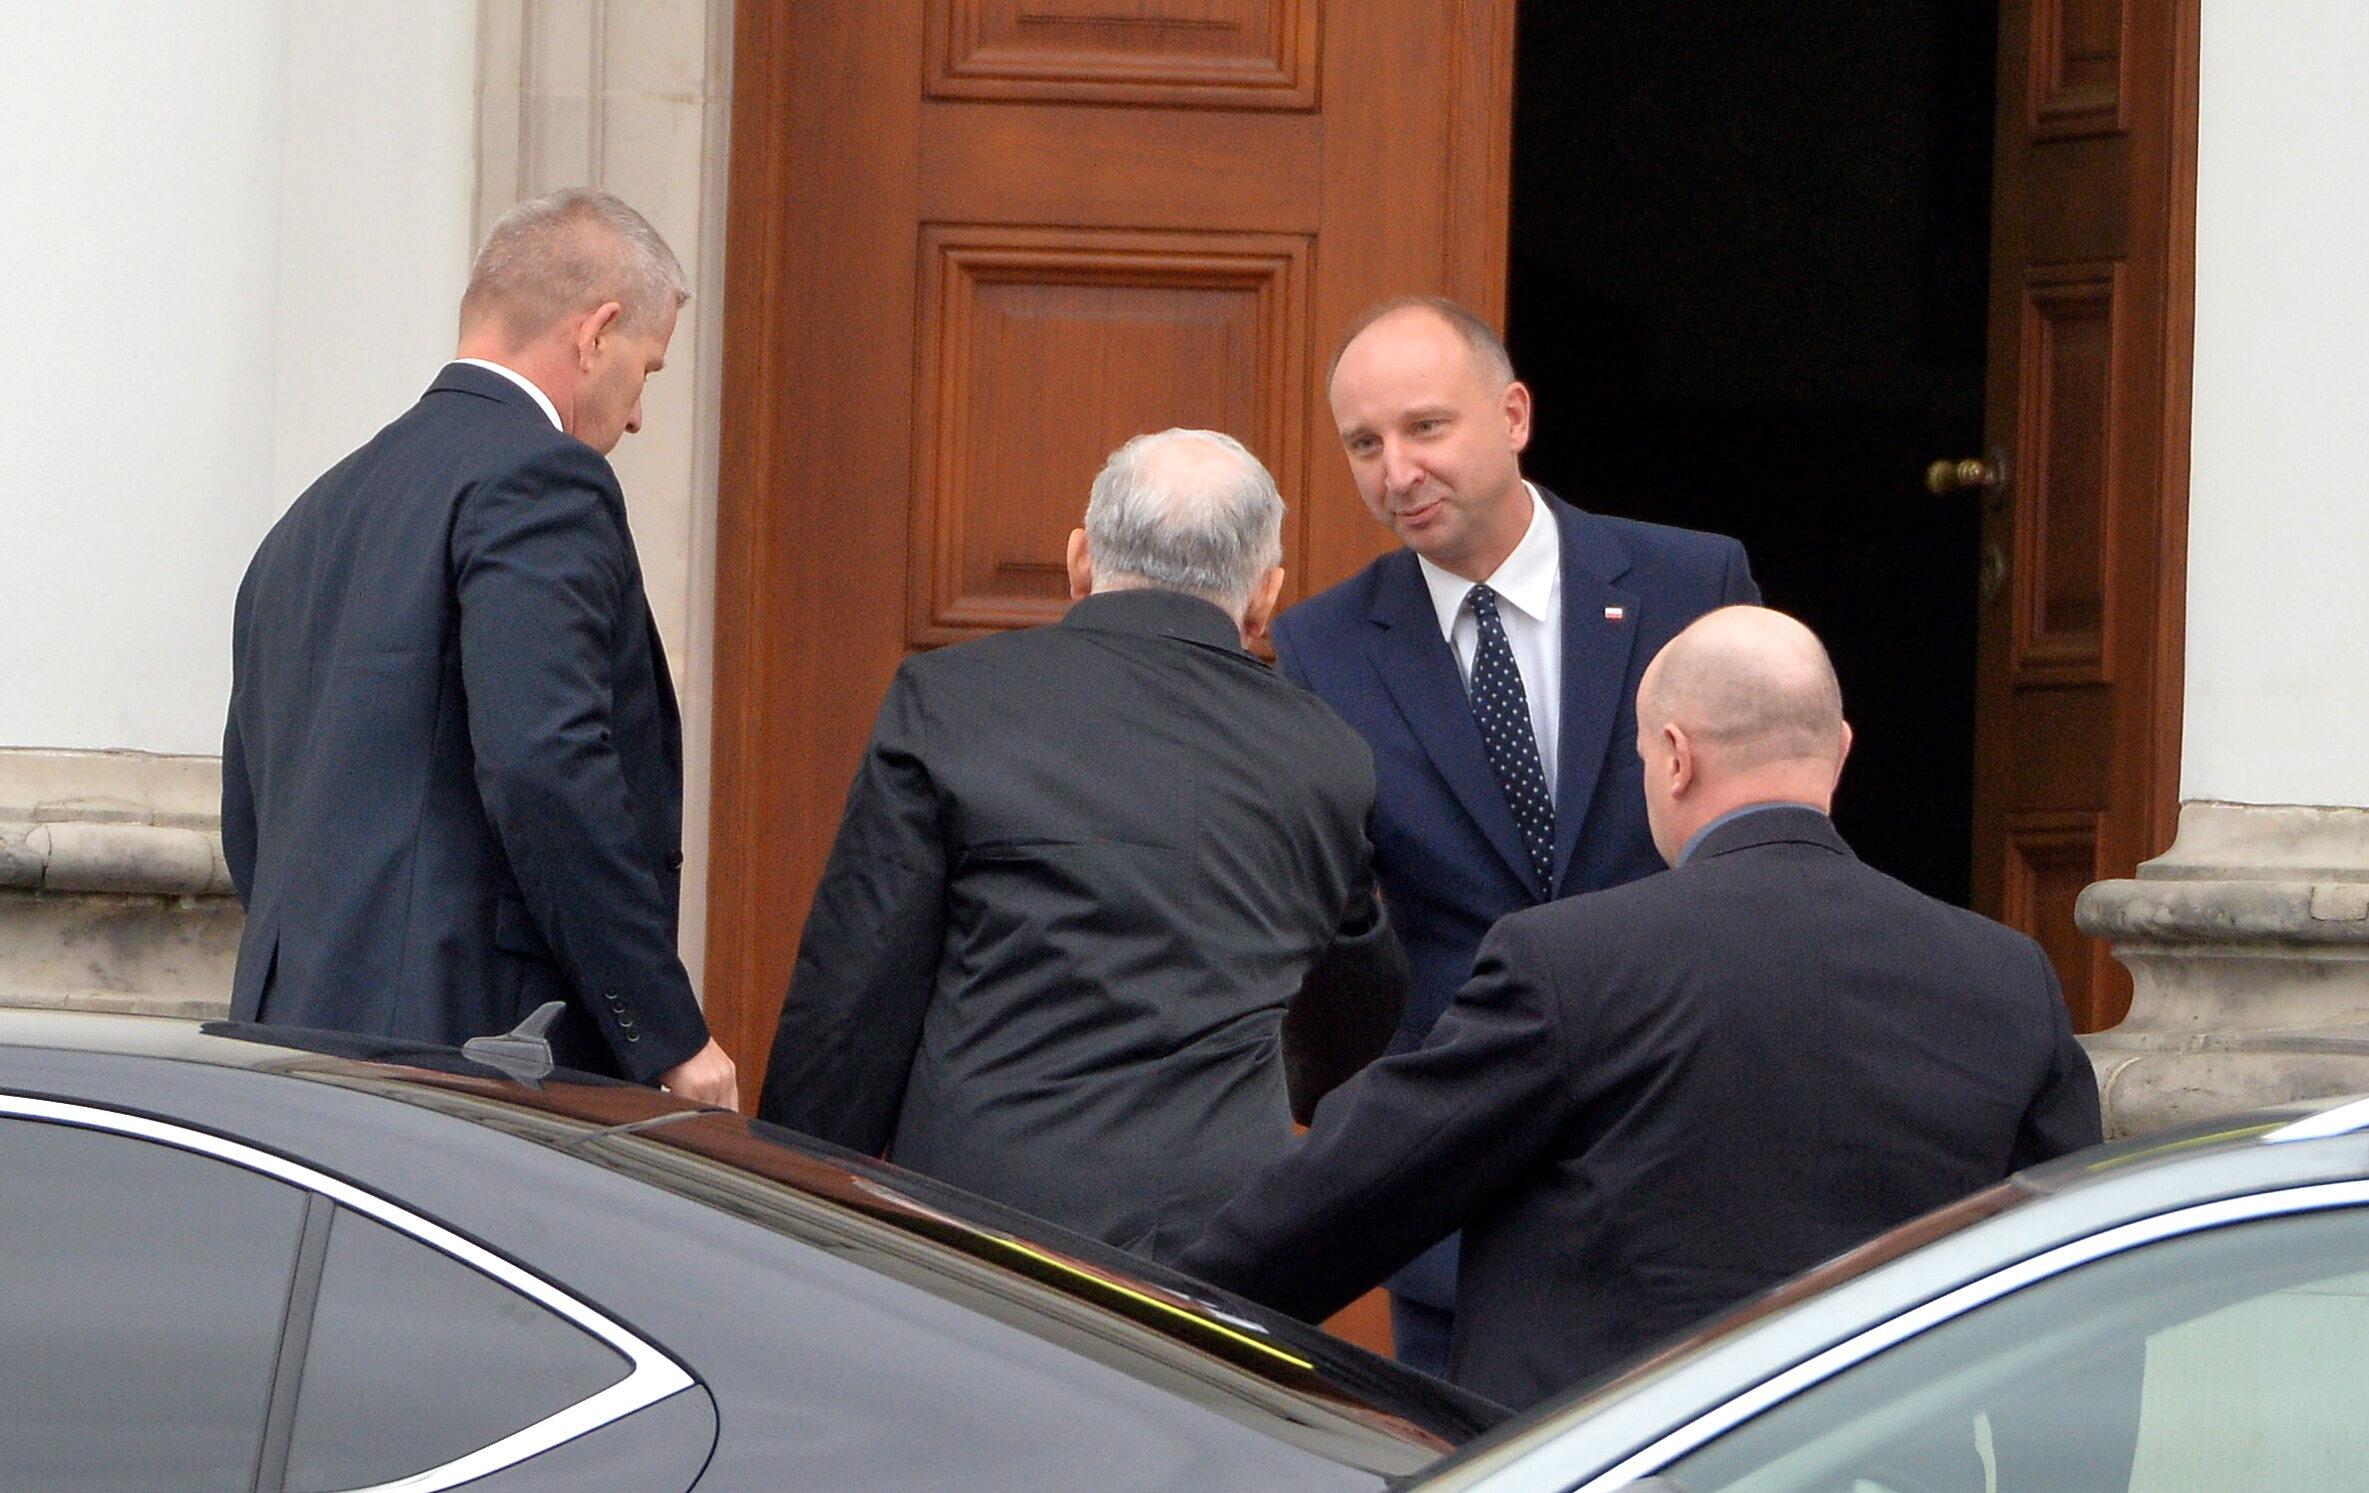 Spotkanie Duda-Kaczyński